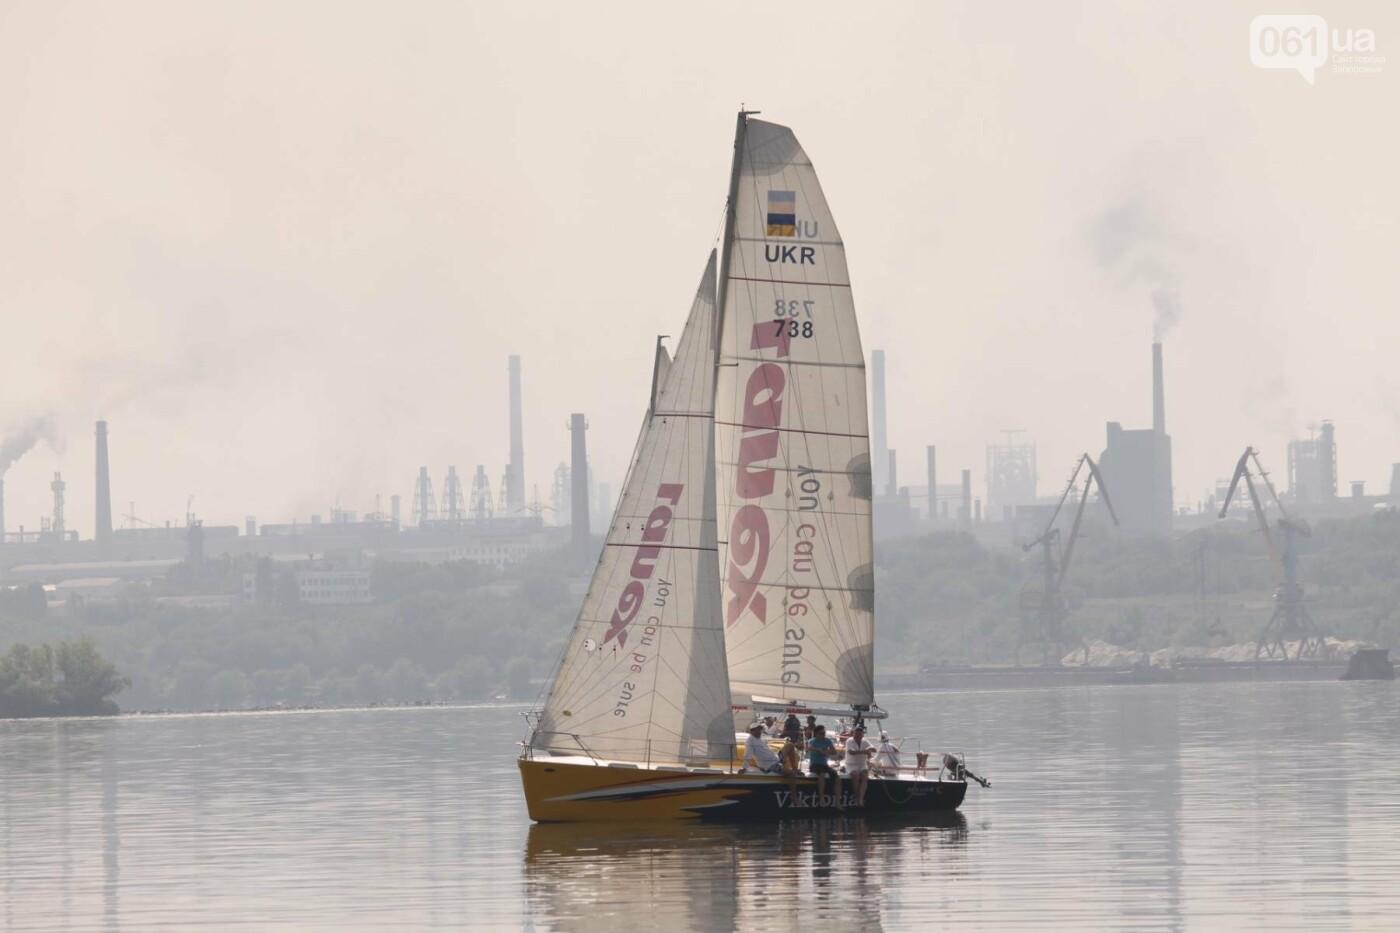 Сотни спортсменов и десятки яхт: как в Запорожье проходит парусная регата, – ФОТОРЕПОРТАЖ, фото-2